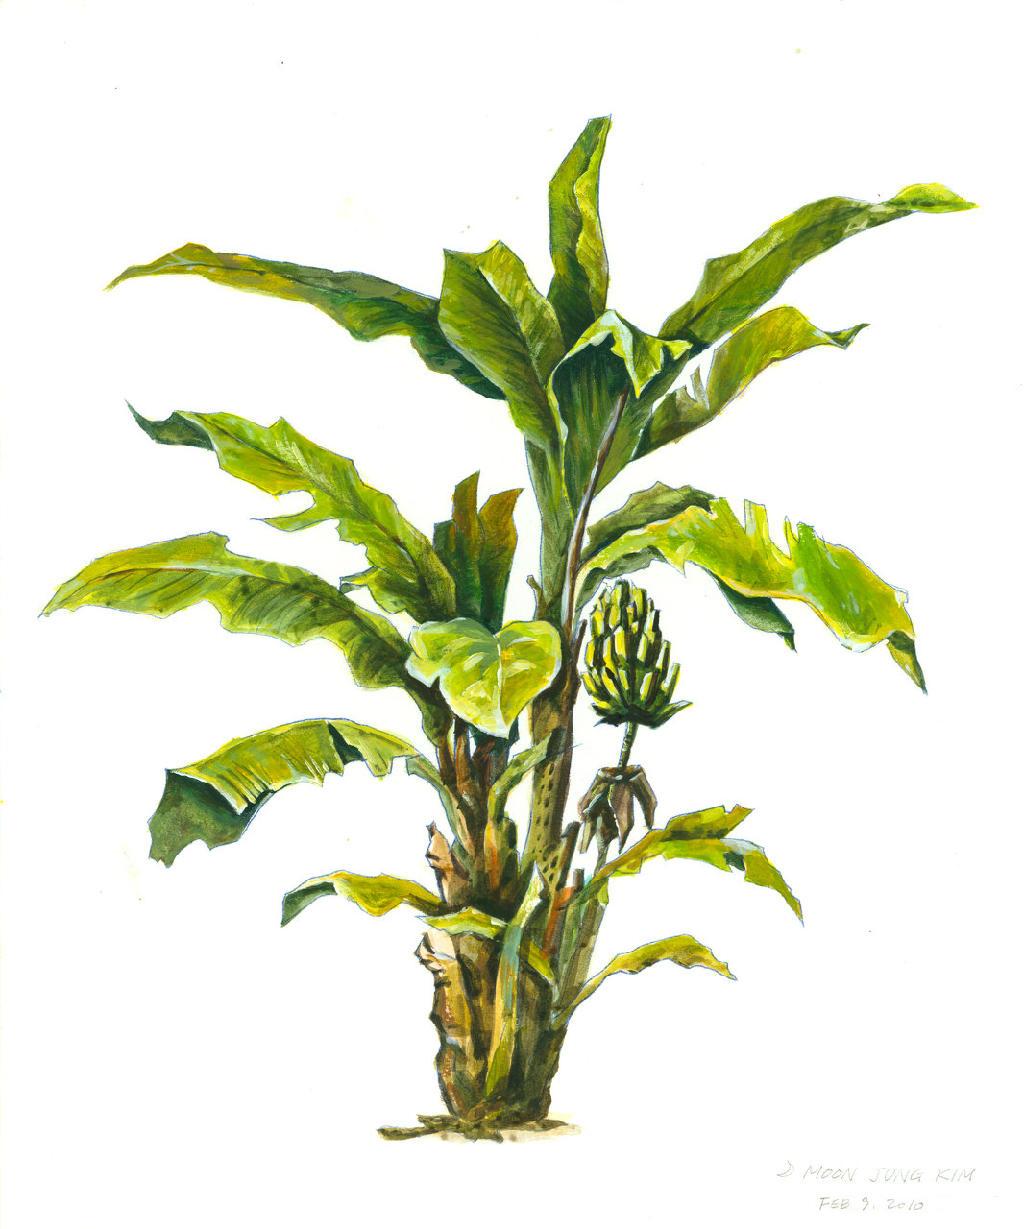 1024x1229 Banana Tree Pencil Drawing 3 How To Draw A Banana Tree